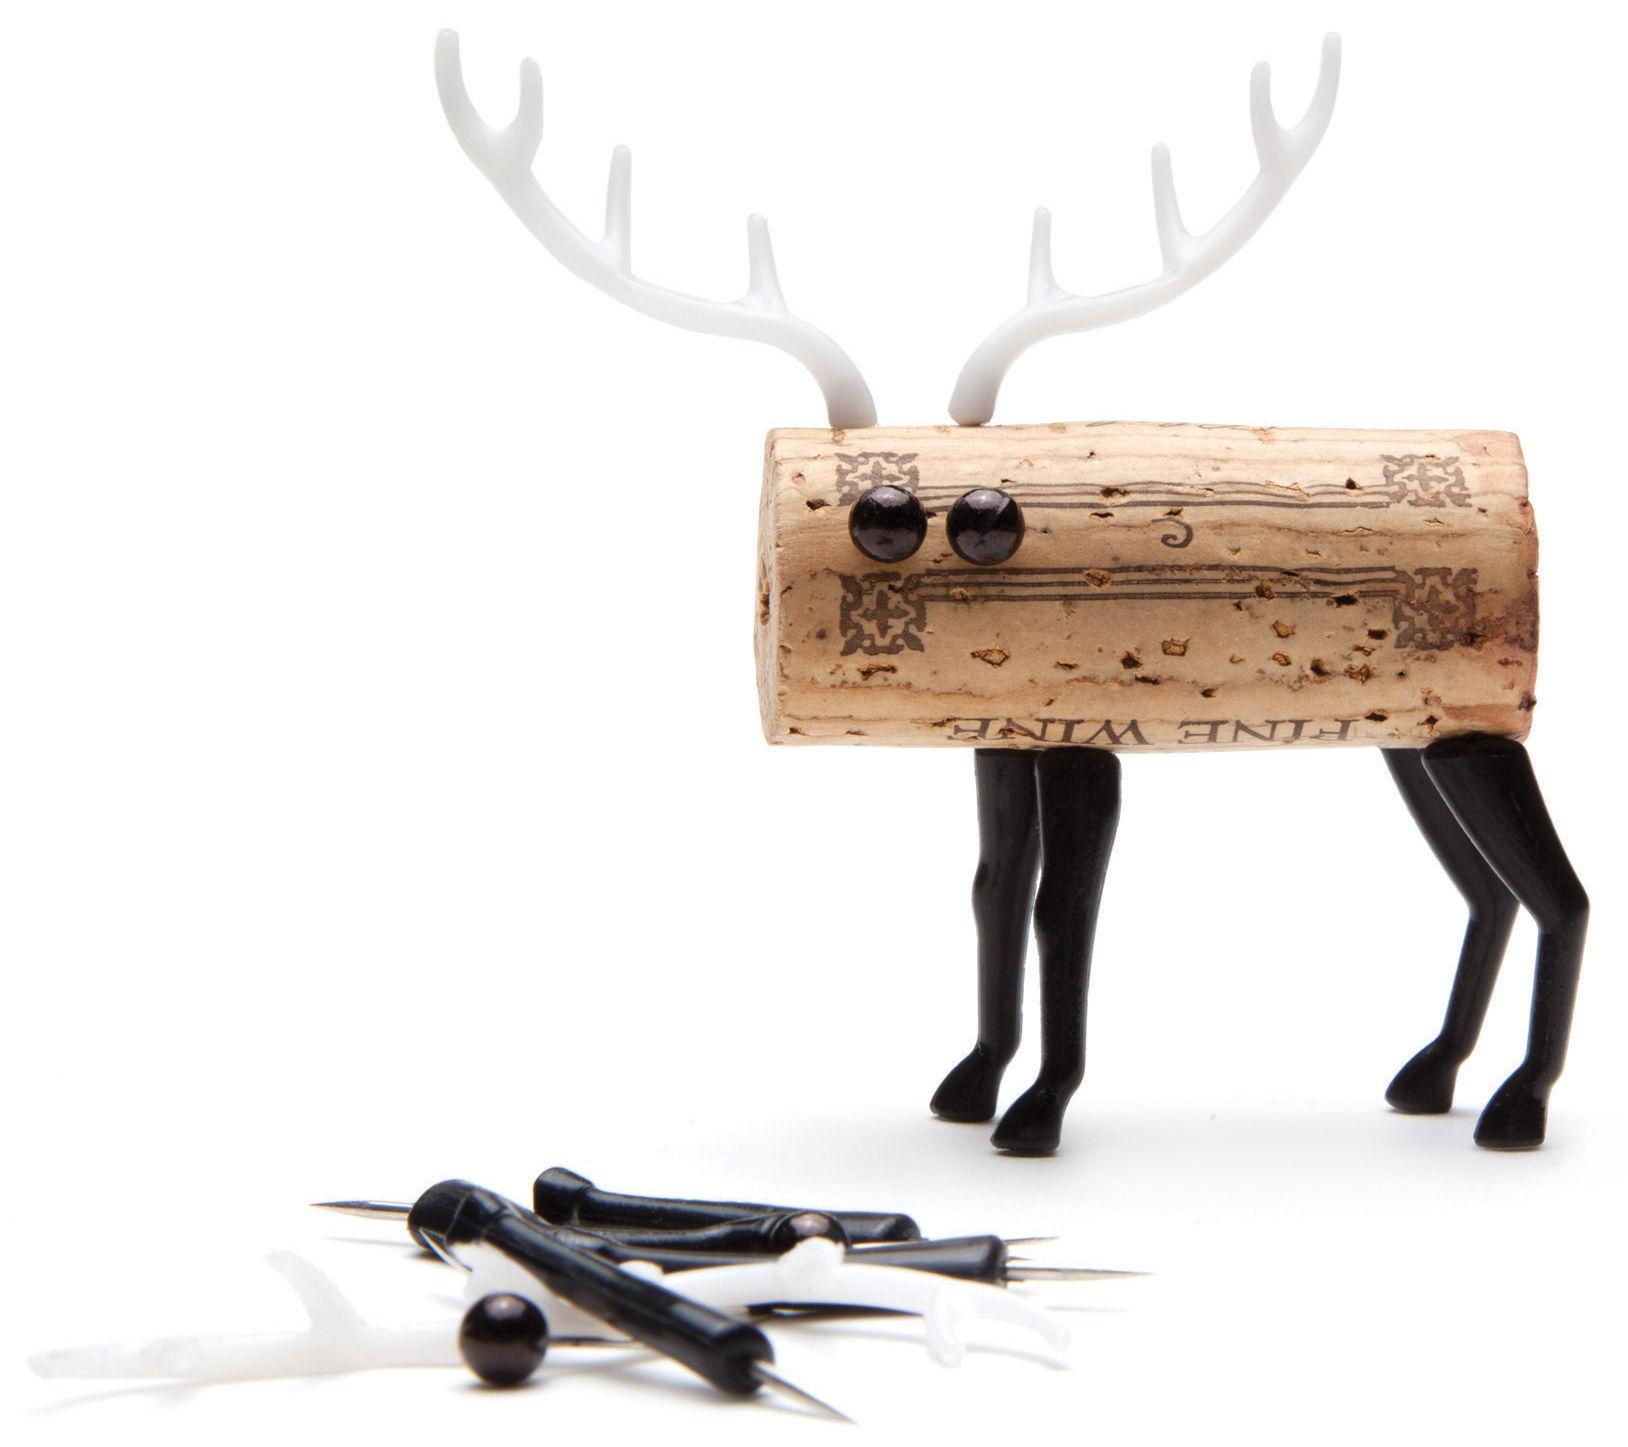 d coration corker cerf pour bouchon de li ge cerf pa design made in design. Black Bedroom Furniture Sets. Home Design Ideas